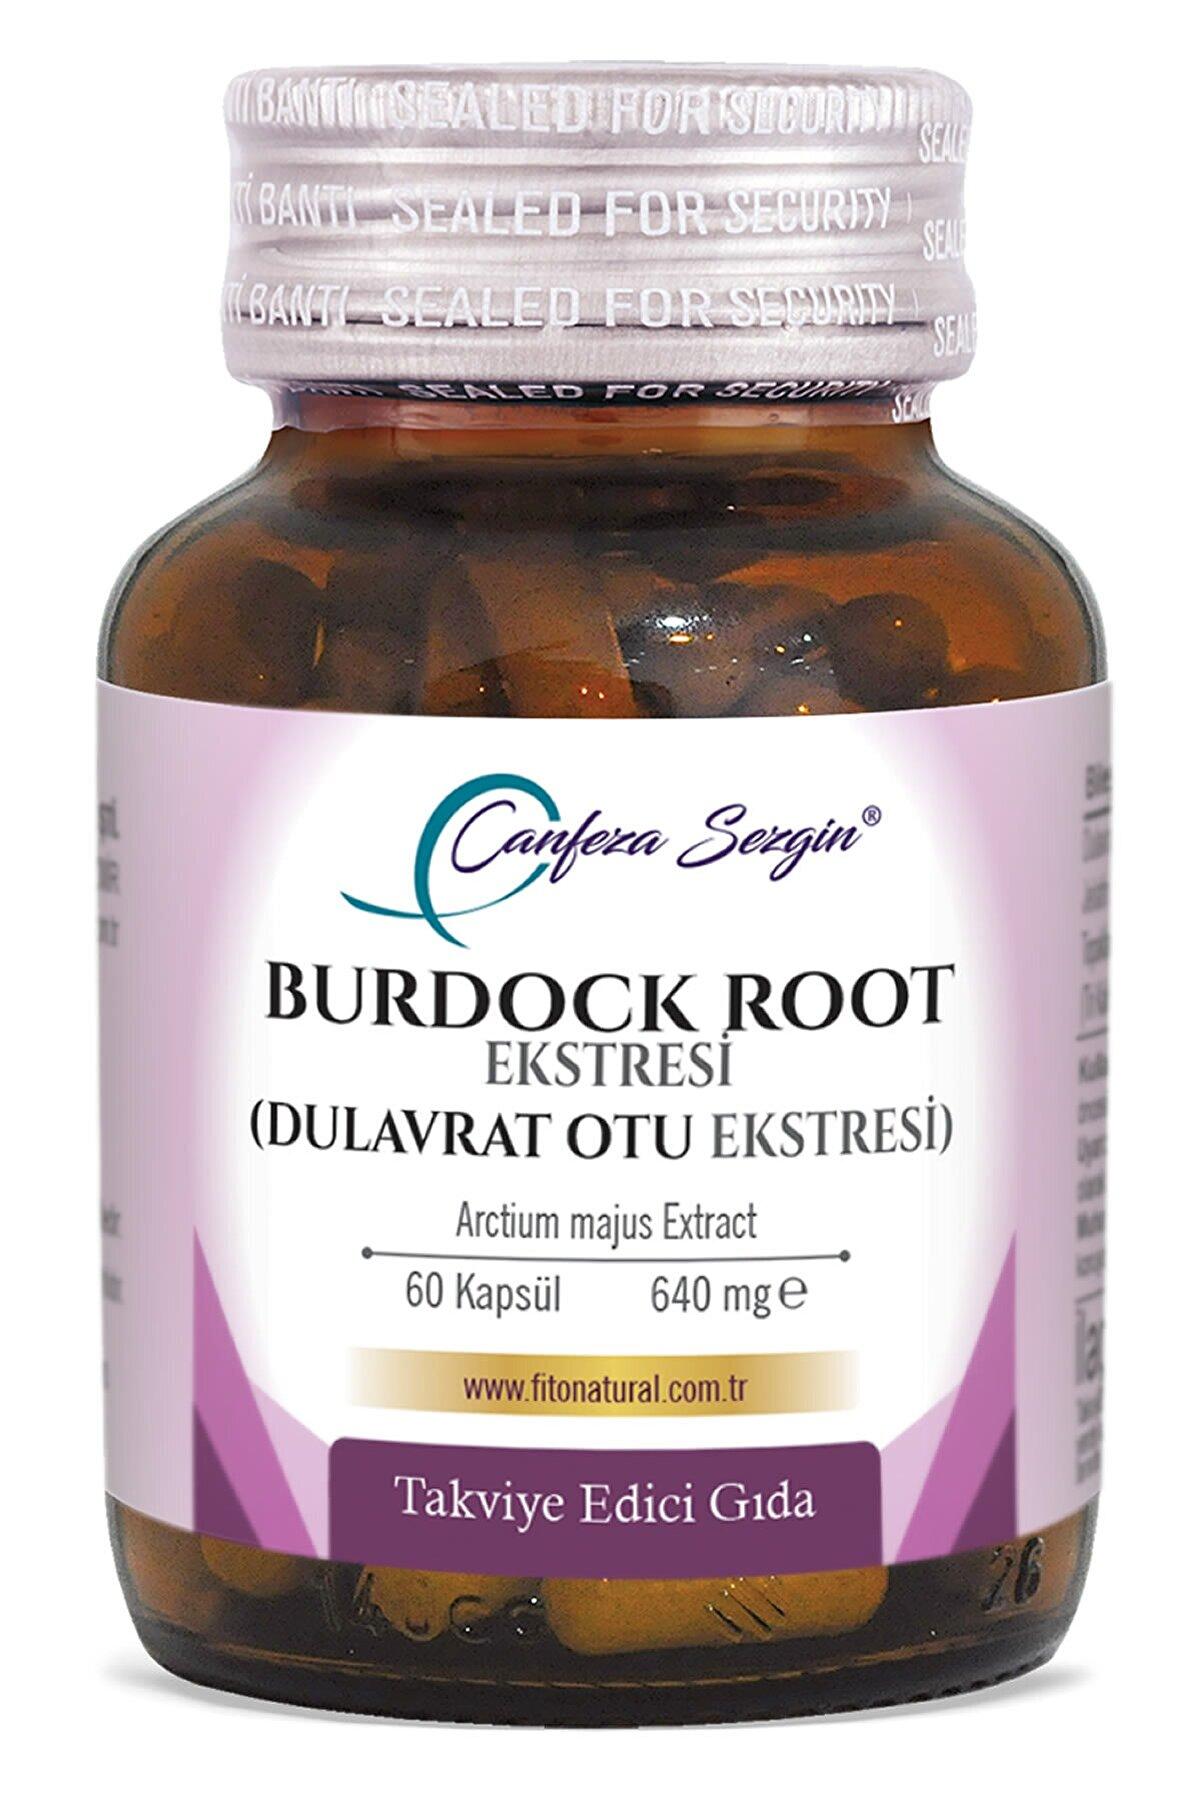 Canfeza Sezgin Burdock Root (dulavrat Otu) Ekstresi